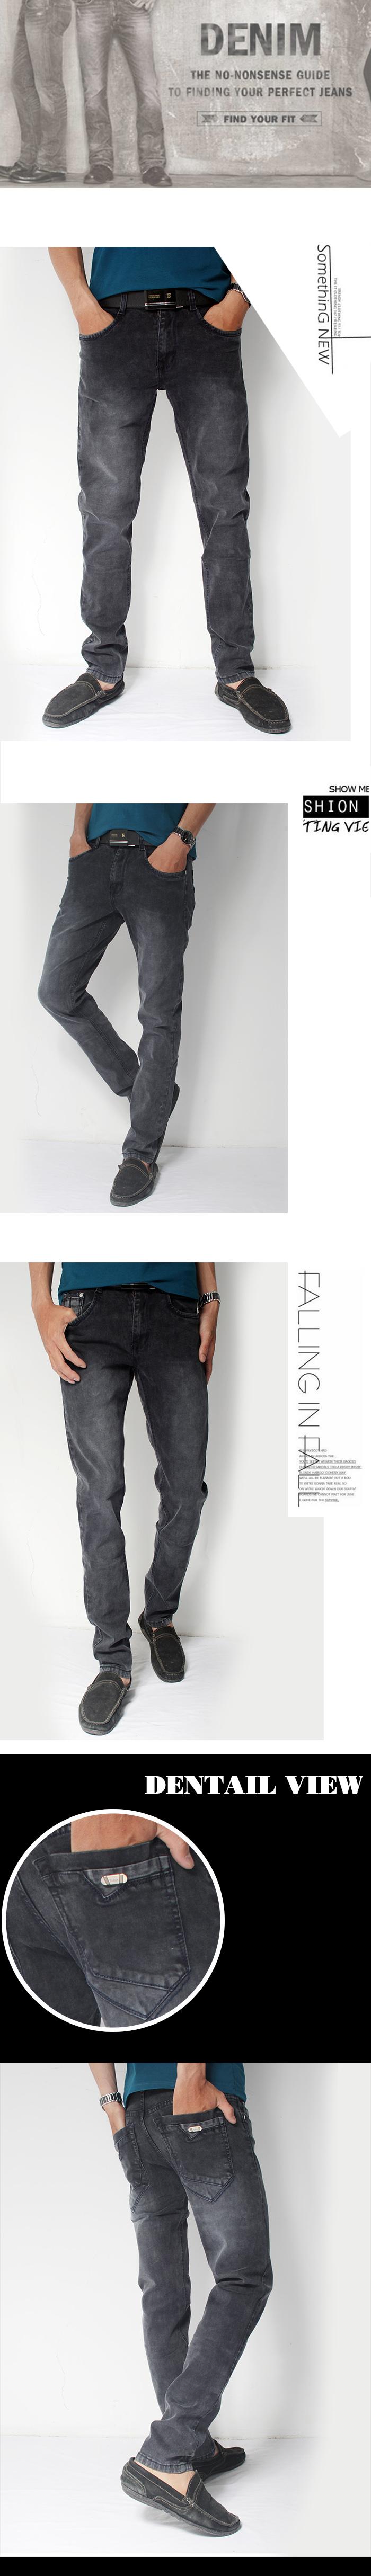 Quần jean xanh đen qj1130 - 1